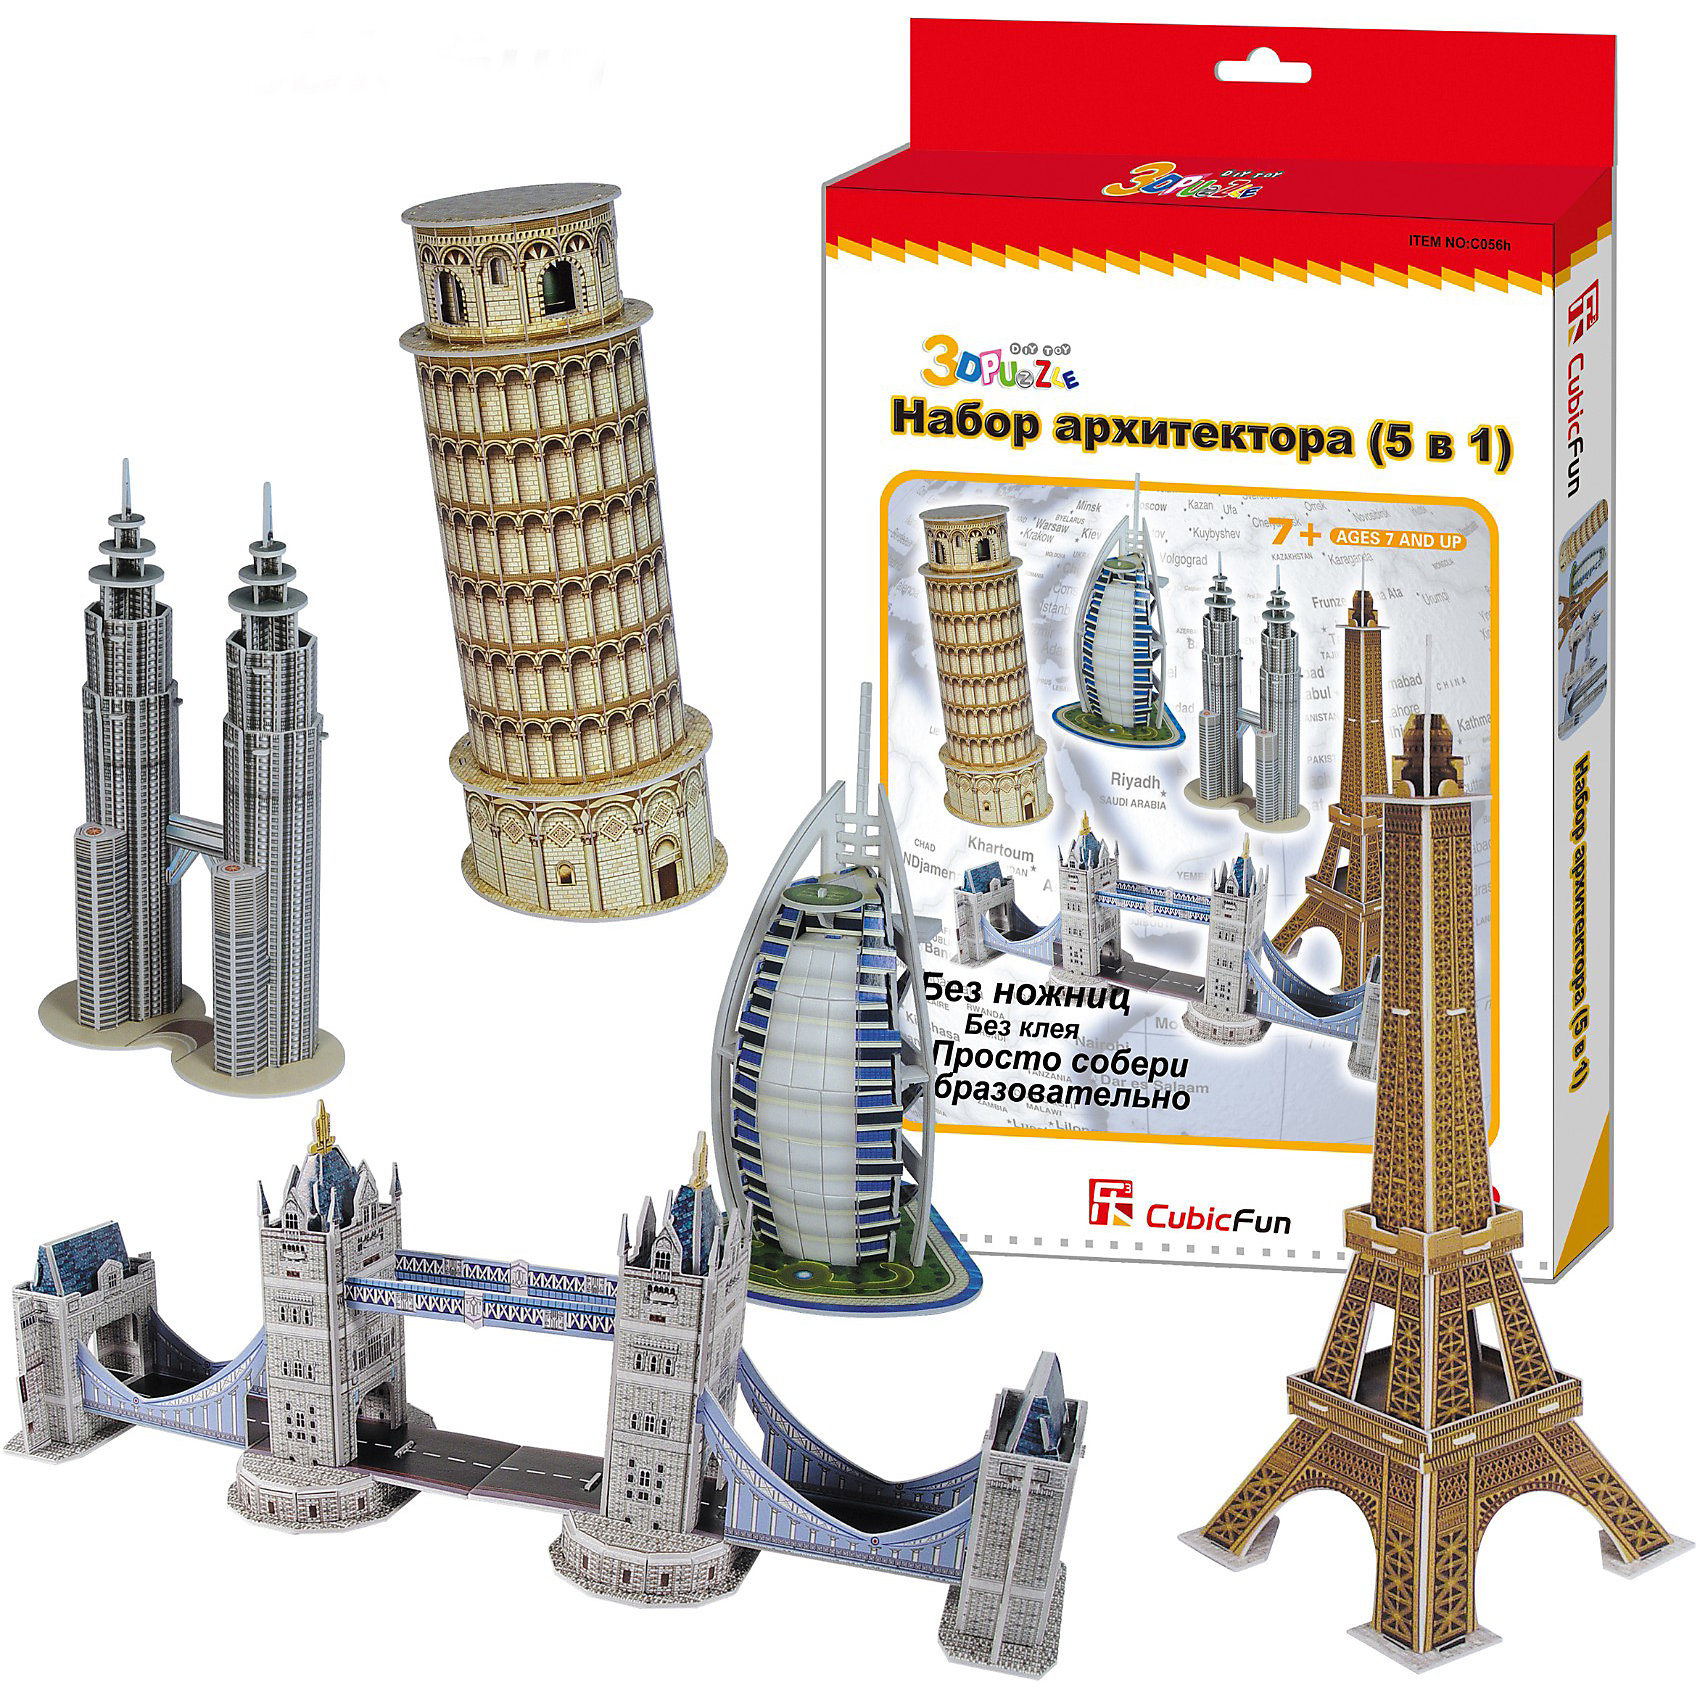 Пазлы 3D Набор архитектора (5 в 1), CubicFun3D пазлы<br>В набор входят 5 одних из самых известных архитектурных зданий мира: Тауэрский мост, Бурж эль Араб, Башни Петронас, Пиза?нская башня, Эйфелева башня. <br>УРОВЕНЬ СЛОЖНОСТИ - 4<br><br>Функции:<br>- помогает в развитии логики и творческих способностей ребенка;<br>- помогает в формировании мышления, речи, внимания, восприятия и воображения;<br>- развивает моторику рук;<br>- расширяет кругозор ребенка и стимулирует к познанию новой информации;<br>Практические характеристики:<br>- обучающая, яркая и реалистичная модель;<br>- идеально и легко собирается без инструментов;<br>- увлекательный игровой процесс;<br>- тематический ассортимент;<br>- новый качественный материал (ламинированный пенокартон) <br>- количество элементов: 99 шт<br>Размеры коробки: 30х22х2,2 см.<br><br>Пазлы 3D Набор архитектора (5 в 1), CubicFun можно купить в нашем магазине.<br><br>Ширина мм: 22<br>Глубина мм: 220<br>Высота мм: 300<br>Вес г: 716<br>Возраст от месяцев: 60<br>Возраст до месяцев: 144<br>Пол: Унисекс<br>Возраст: Детский<br>SKU: 2276275